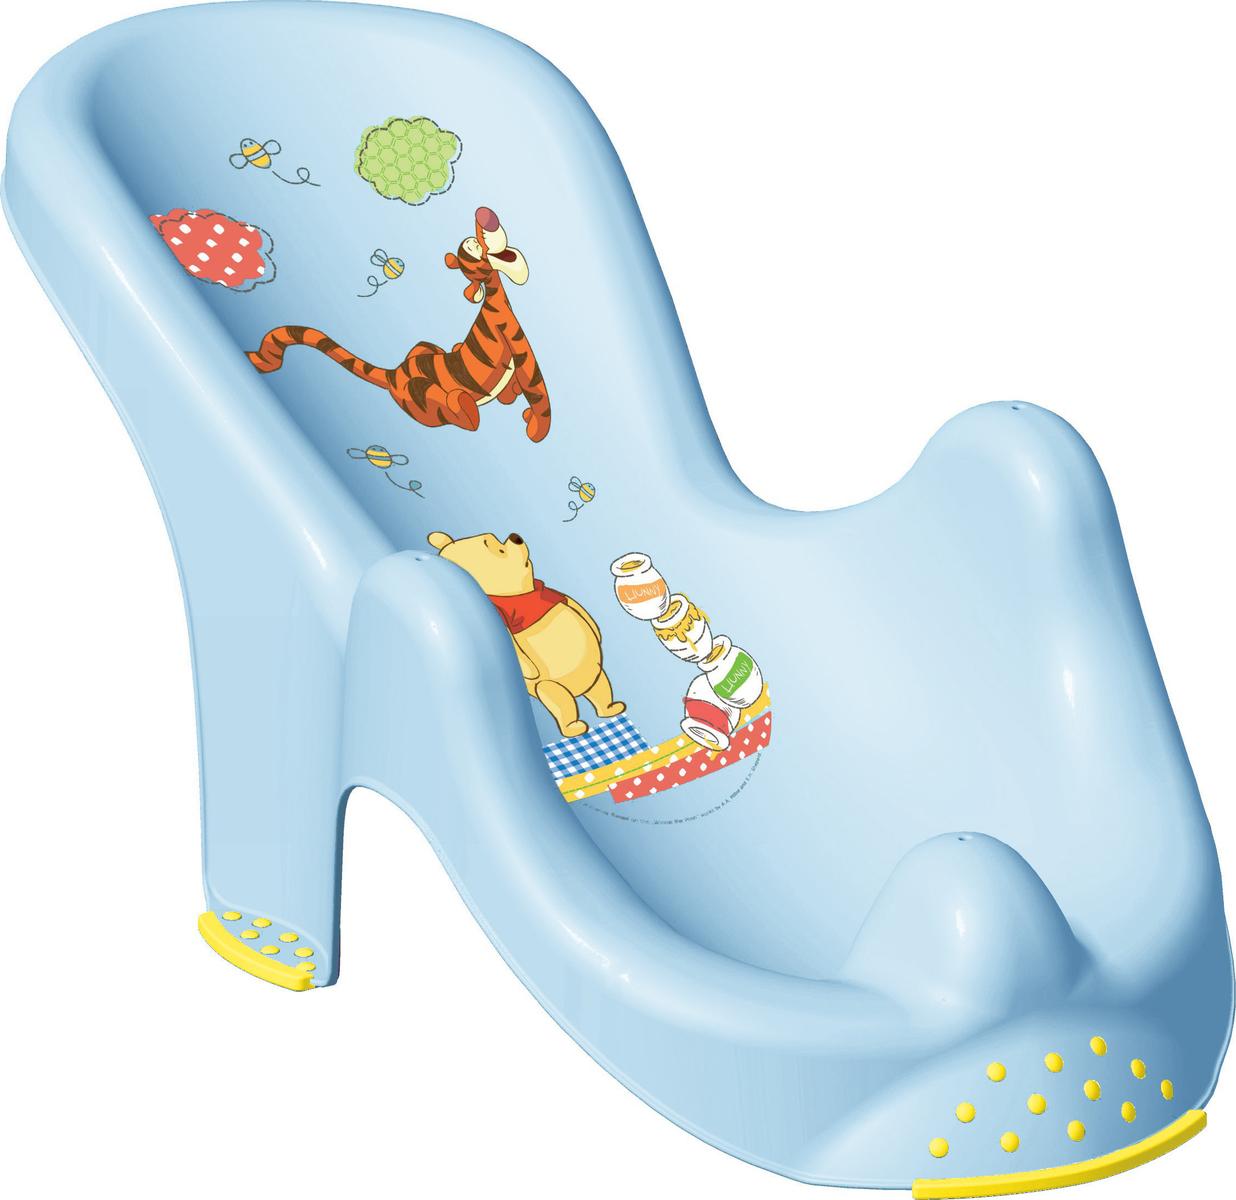 Disney Κάθισμα Μπάνιου Disney 7203 Μπλε - Skroutz.gr 83f45177235